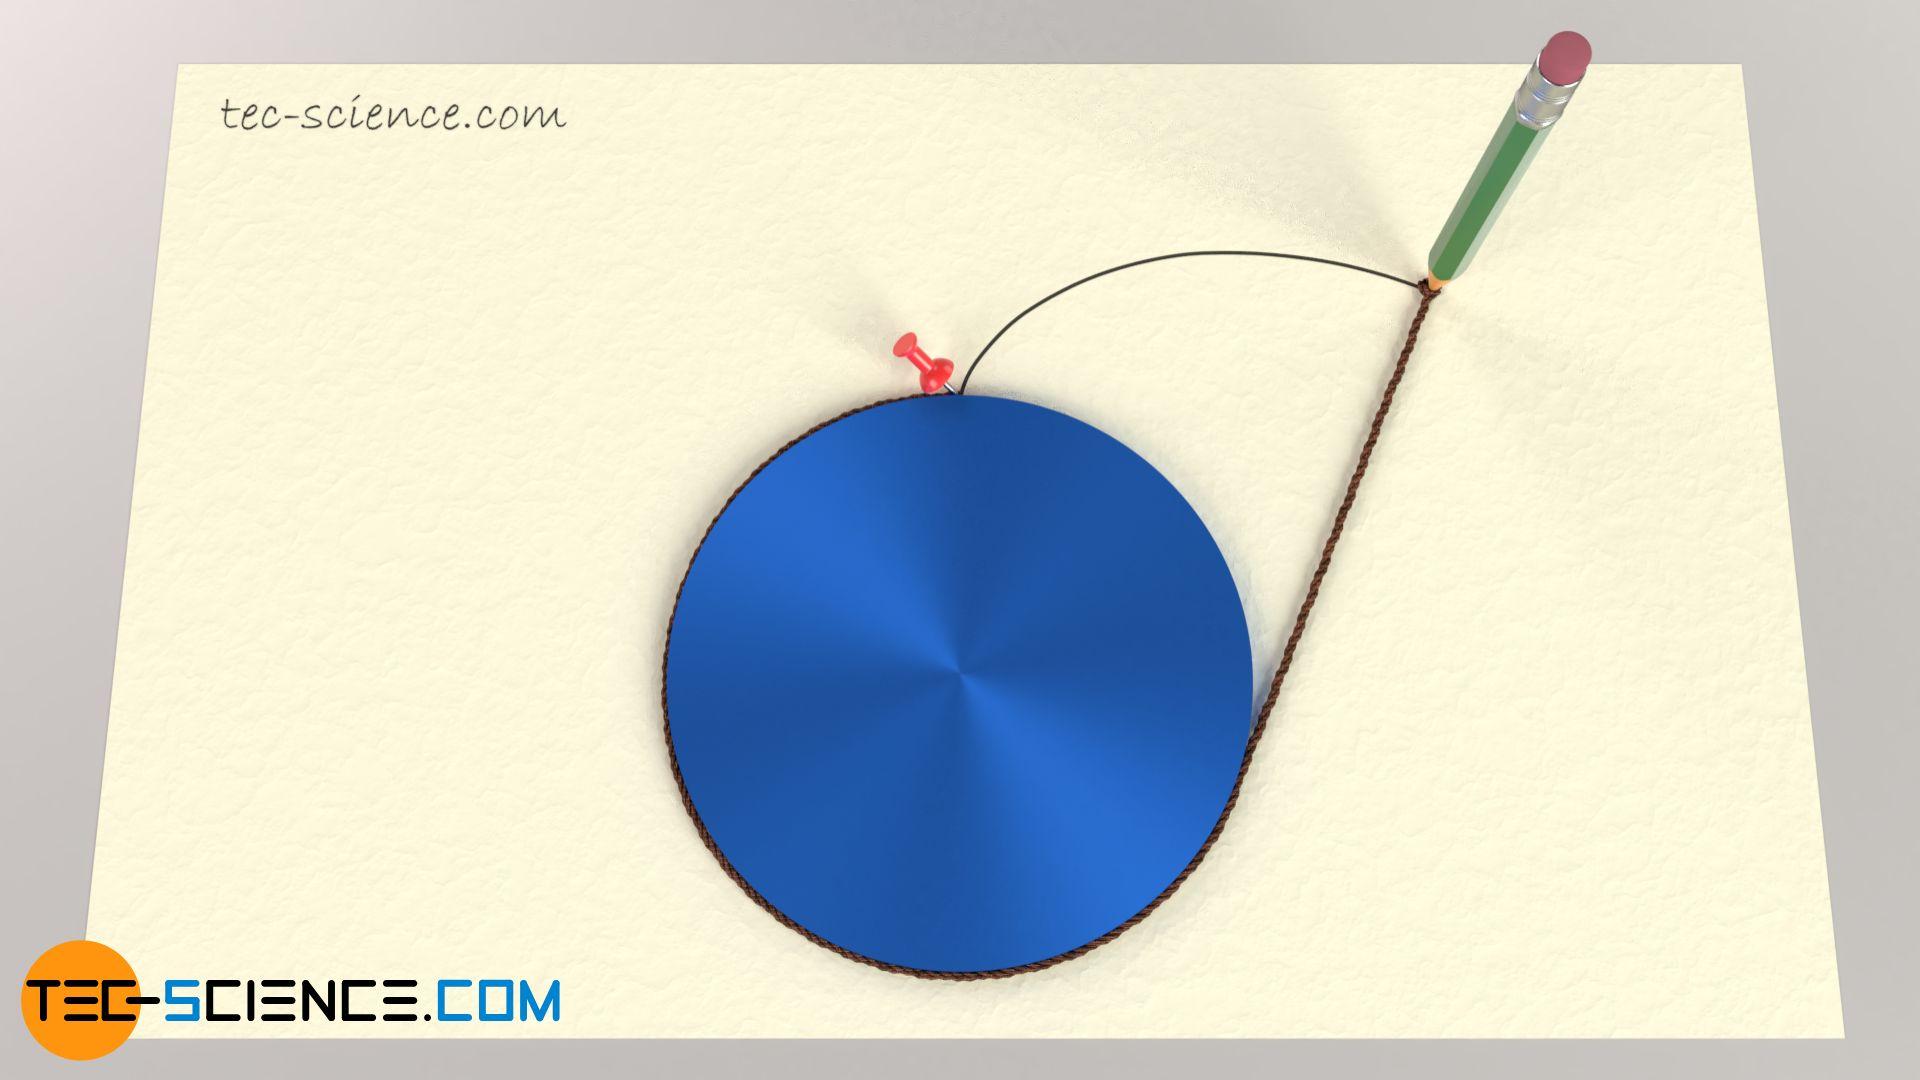 Konstruieren einer Evolvente durch Abwickeln eines Fadens auf einem Kreis